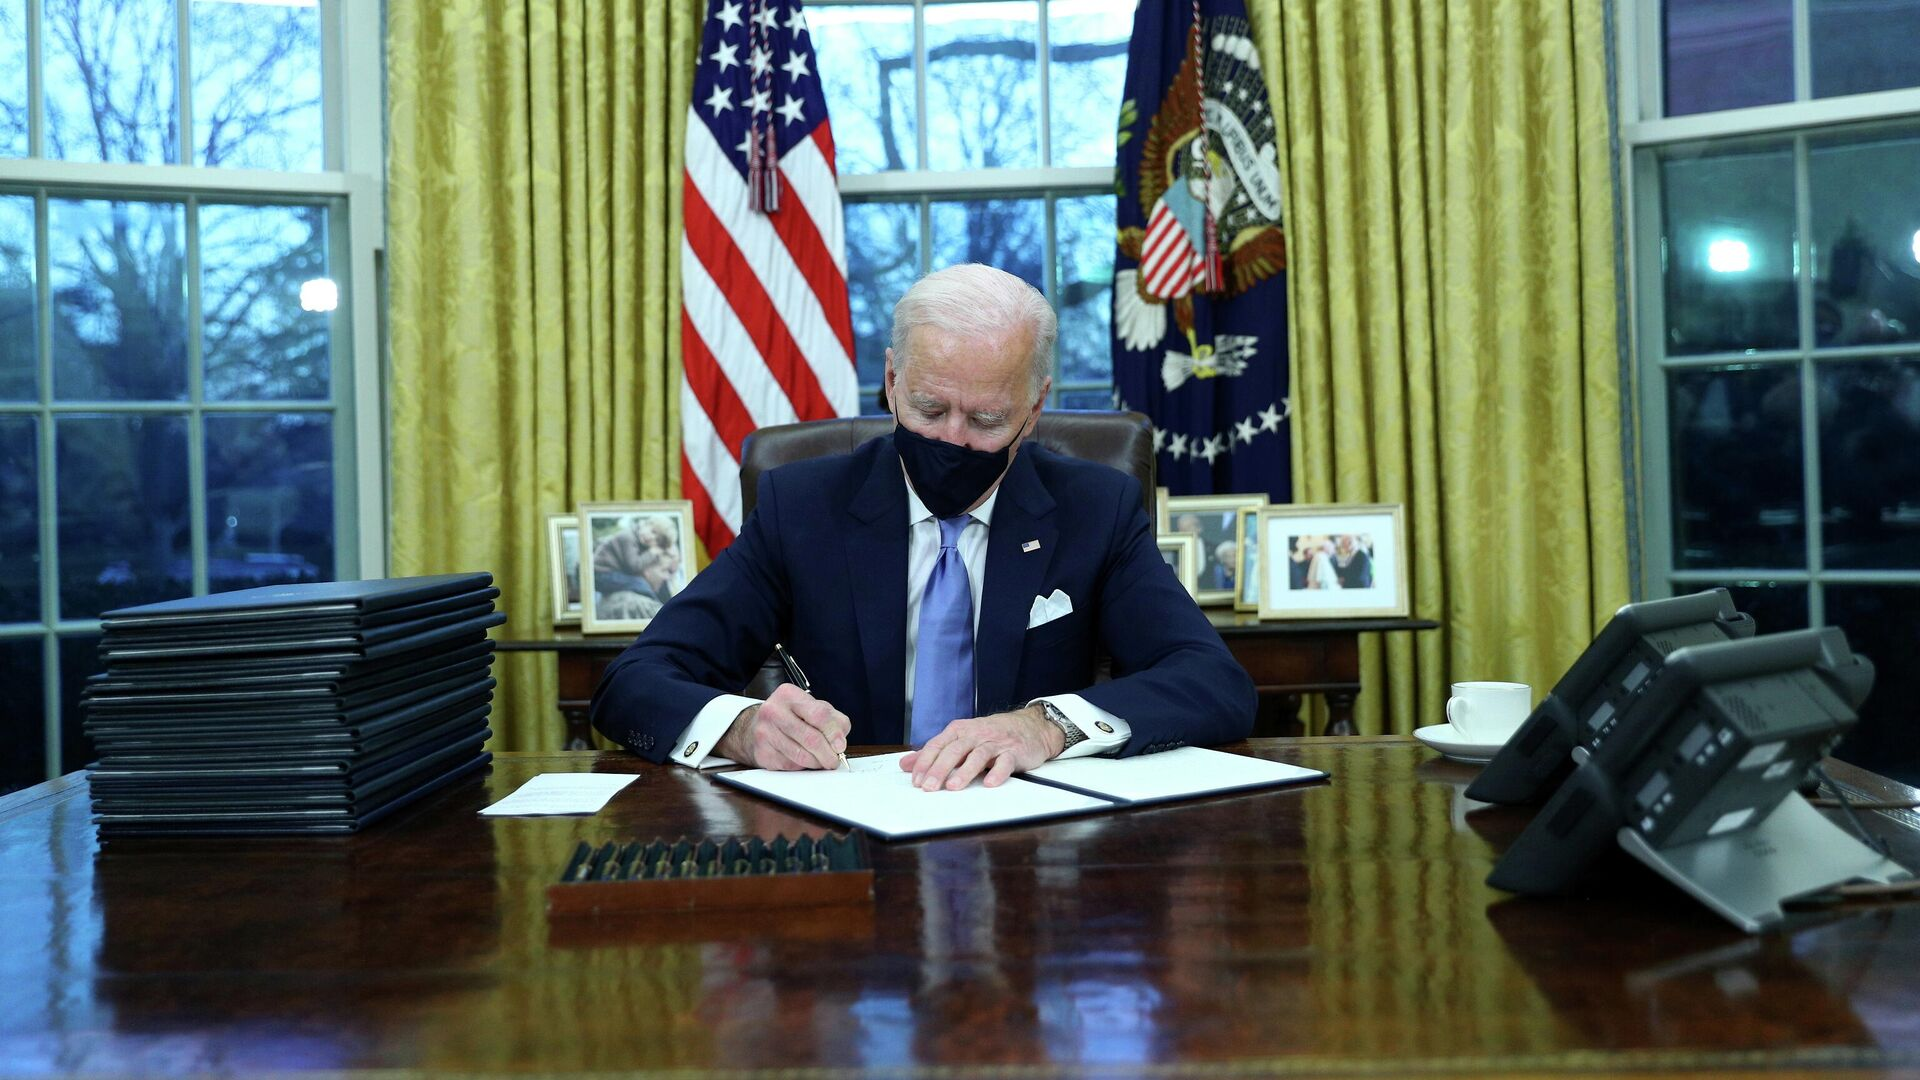 Президент США Джо Байден подписывает документы в в Овальном кабинете Белого дома в Вашингтоне после церемонии инаугурации - РИА Новости, 1920, 21.01.2021